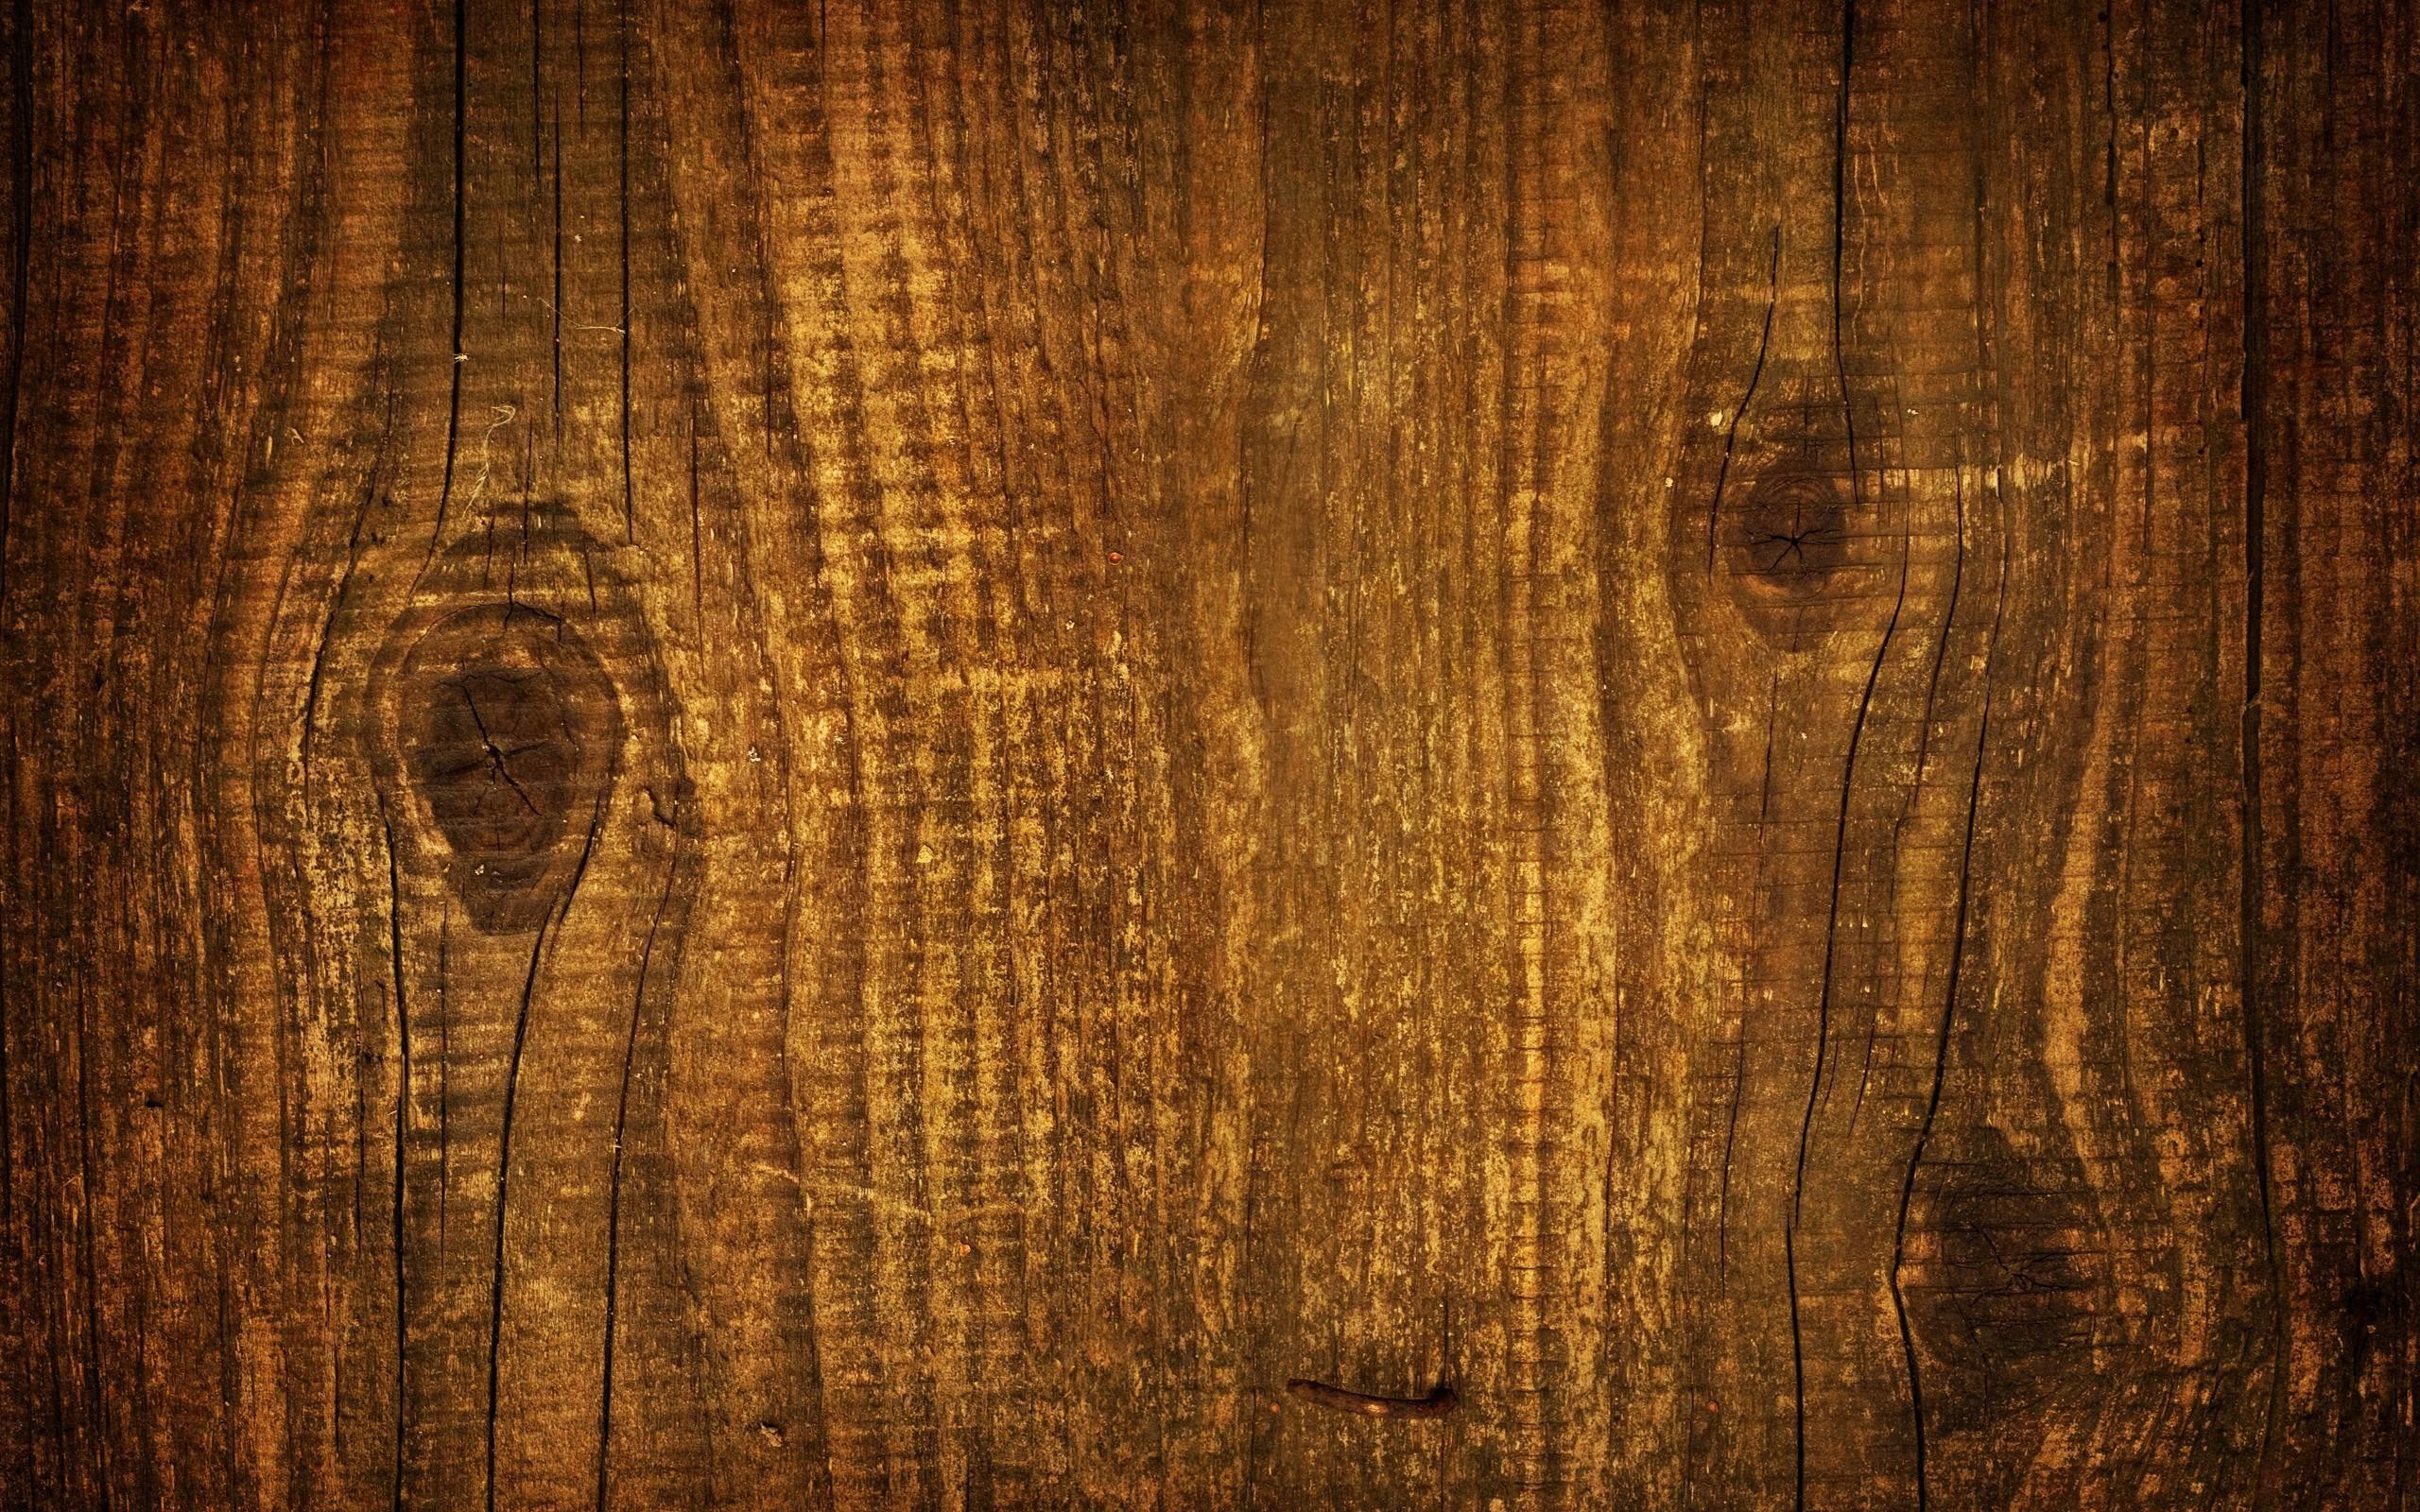 Rustictealwood wallpaper desktop background.